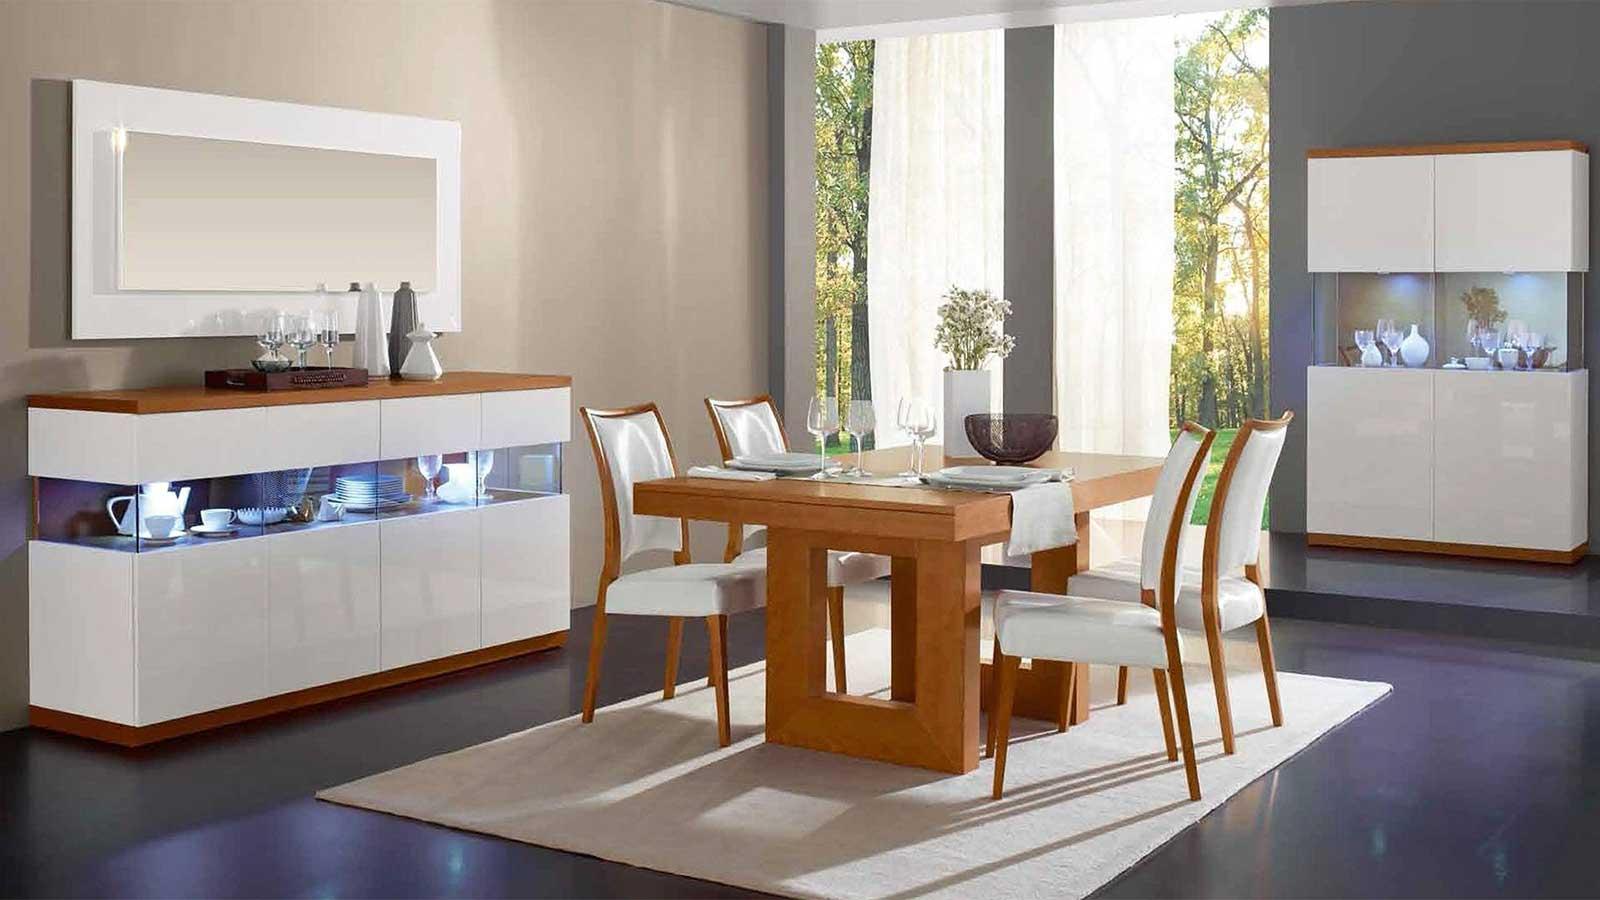 loja de fabrica sofa e colchoes porangaba white sectional móveis são jorge revenda p lojas sofás